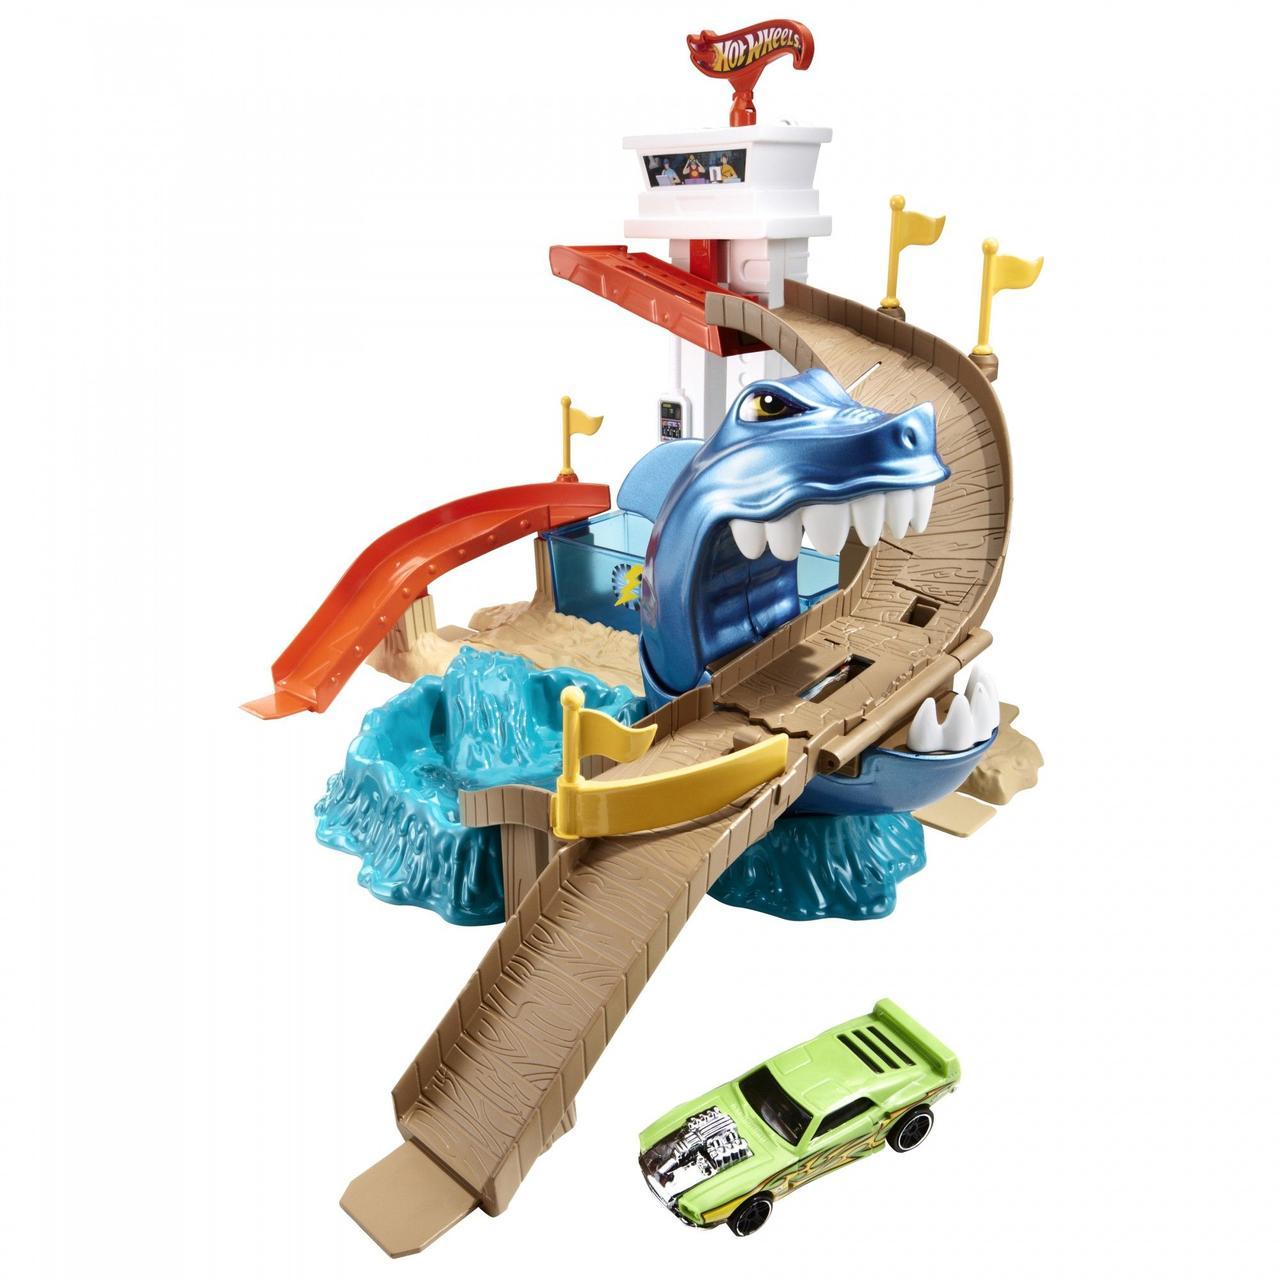 Трек Hot Wheels BGK04 Атака акулы (Охота на акулу). Оригинал Mattel